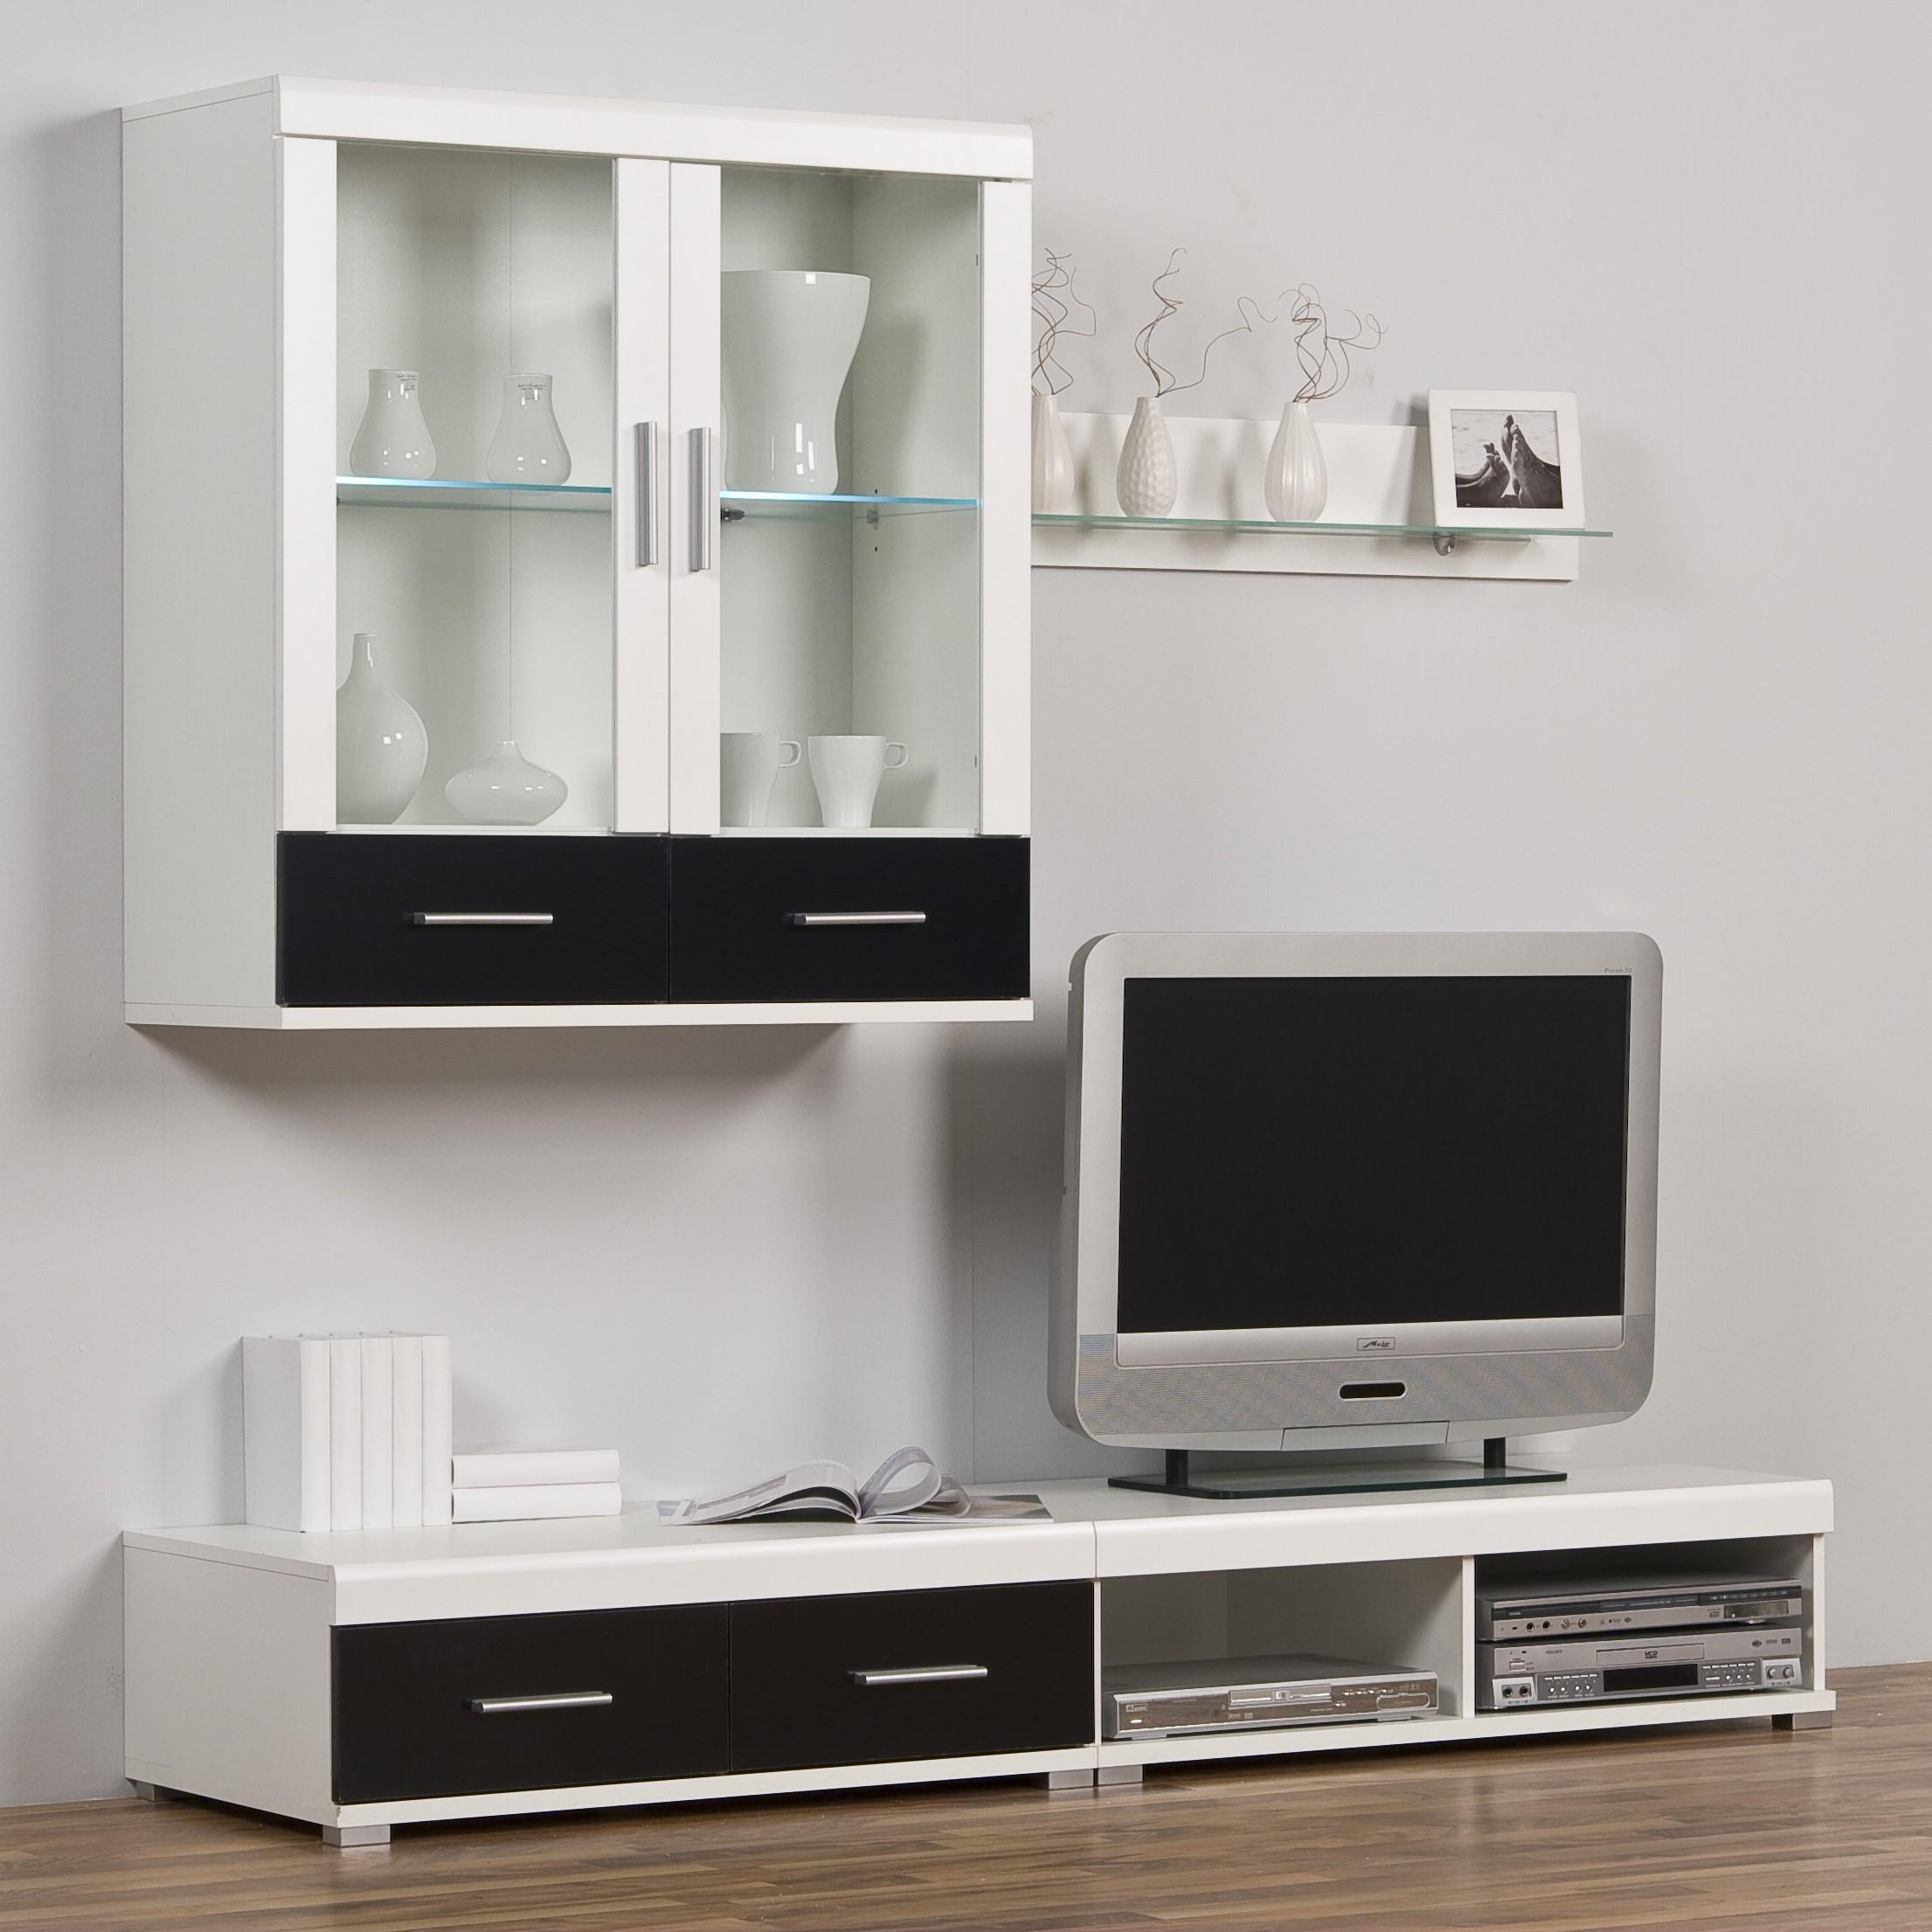 Meuble TV AULNE  AULNE Trouvez AULNE parmis nos meubles de television -> Meuble Tv Angle Aulne